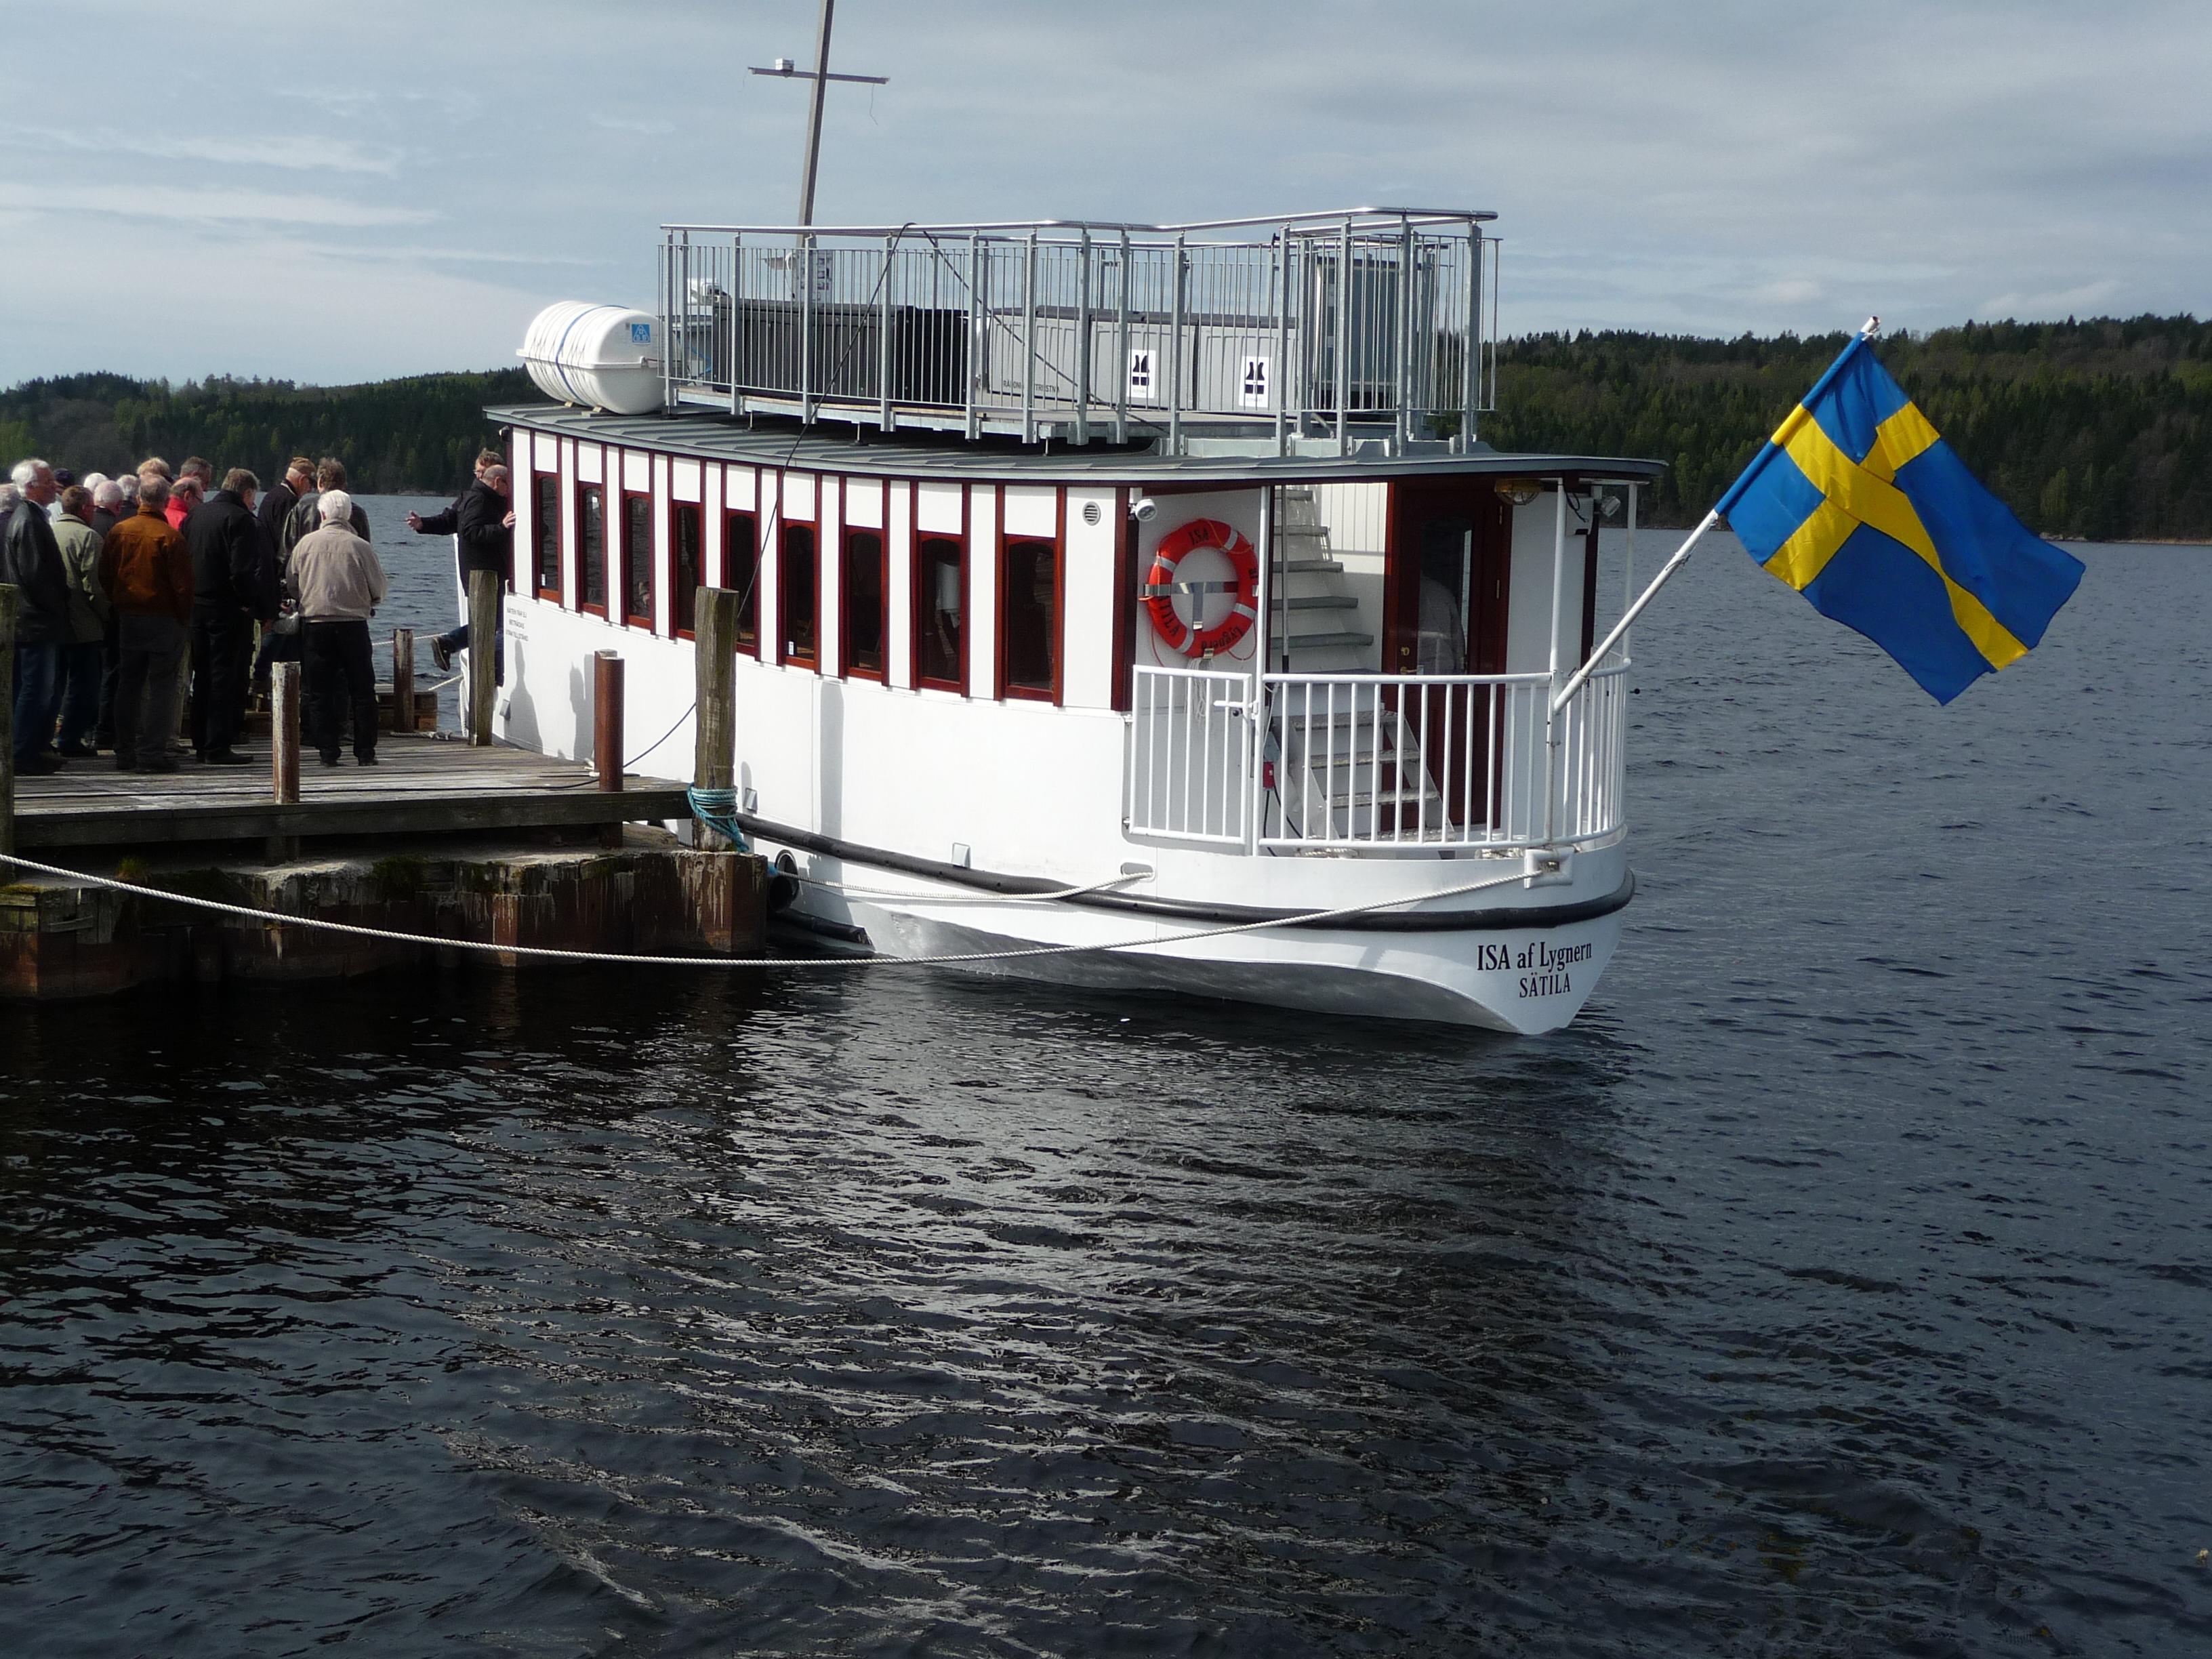 2012 ISA af Lygnern och träverkstad - 12